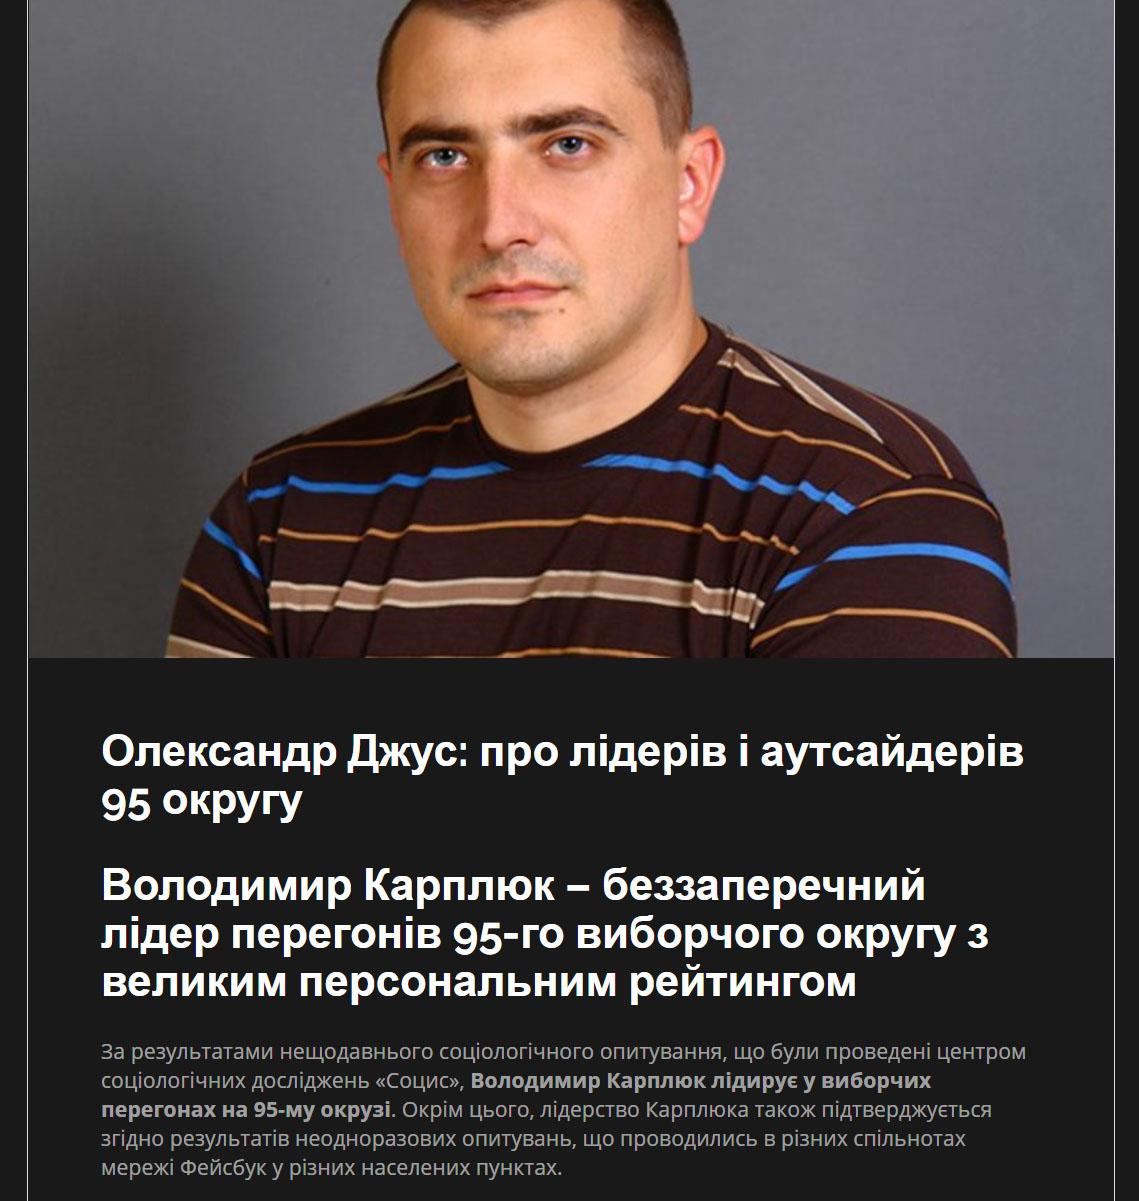 Александр Джус и Карплюк